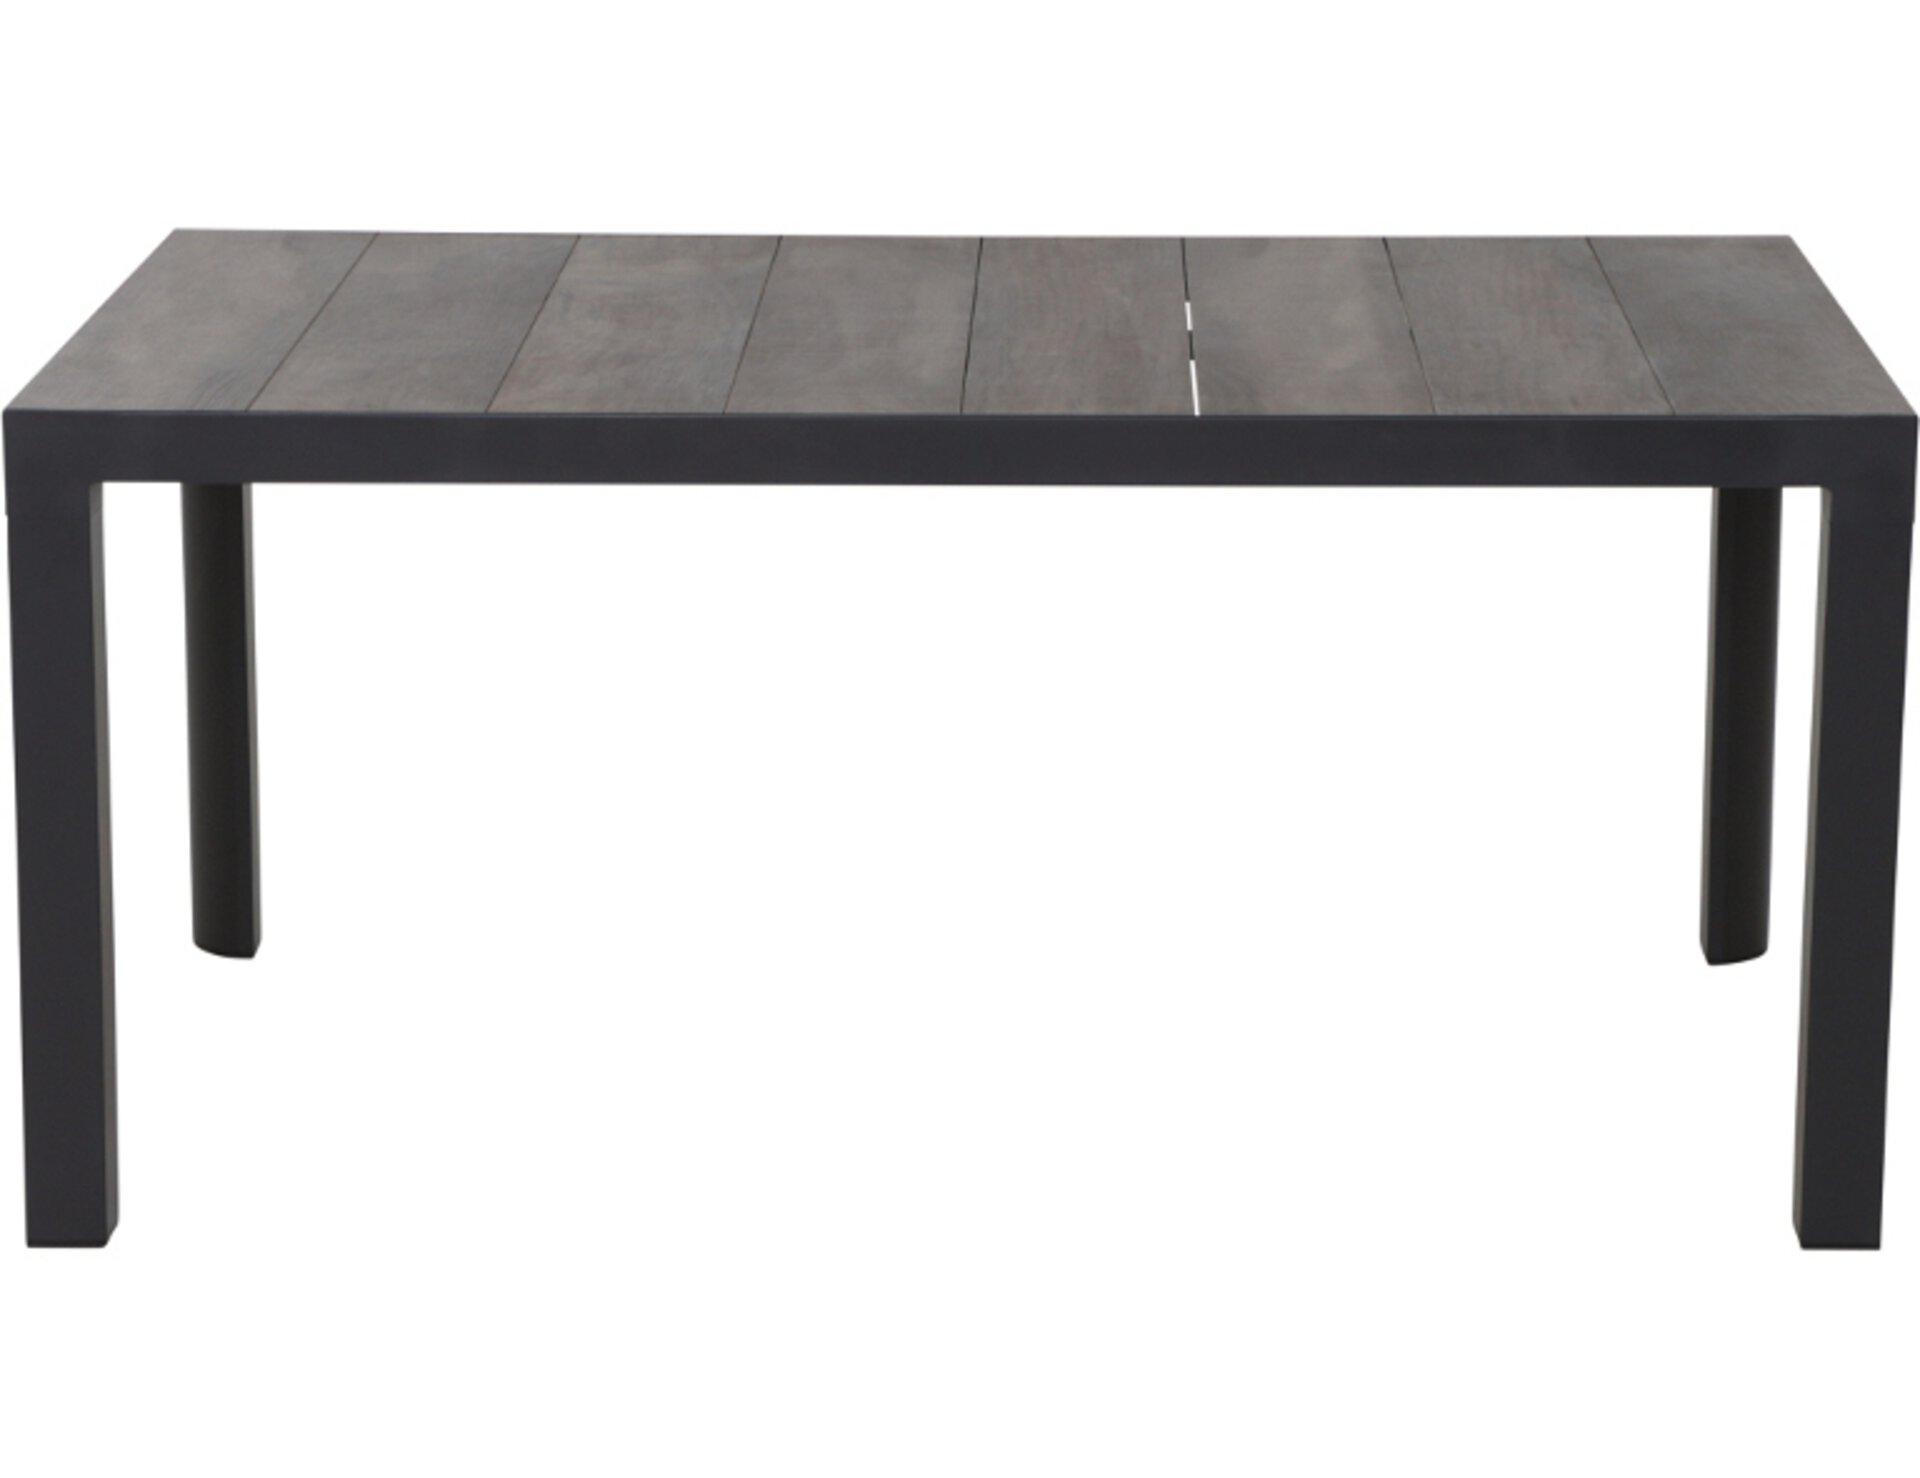 Gartentisch Silva Dining Tisch Siena Garden Metall grau 90 x 74 x 140 cm